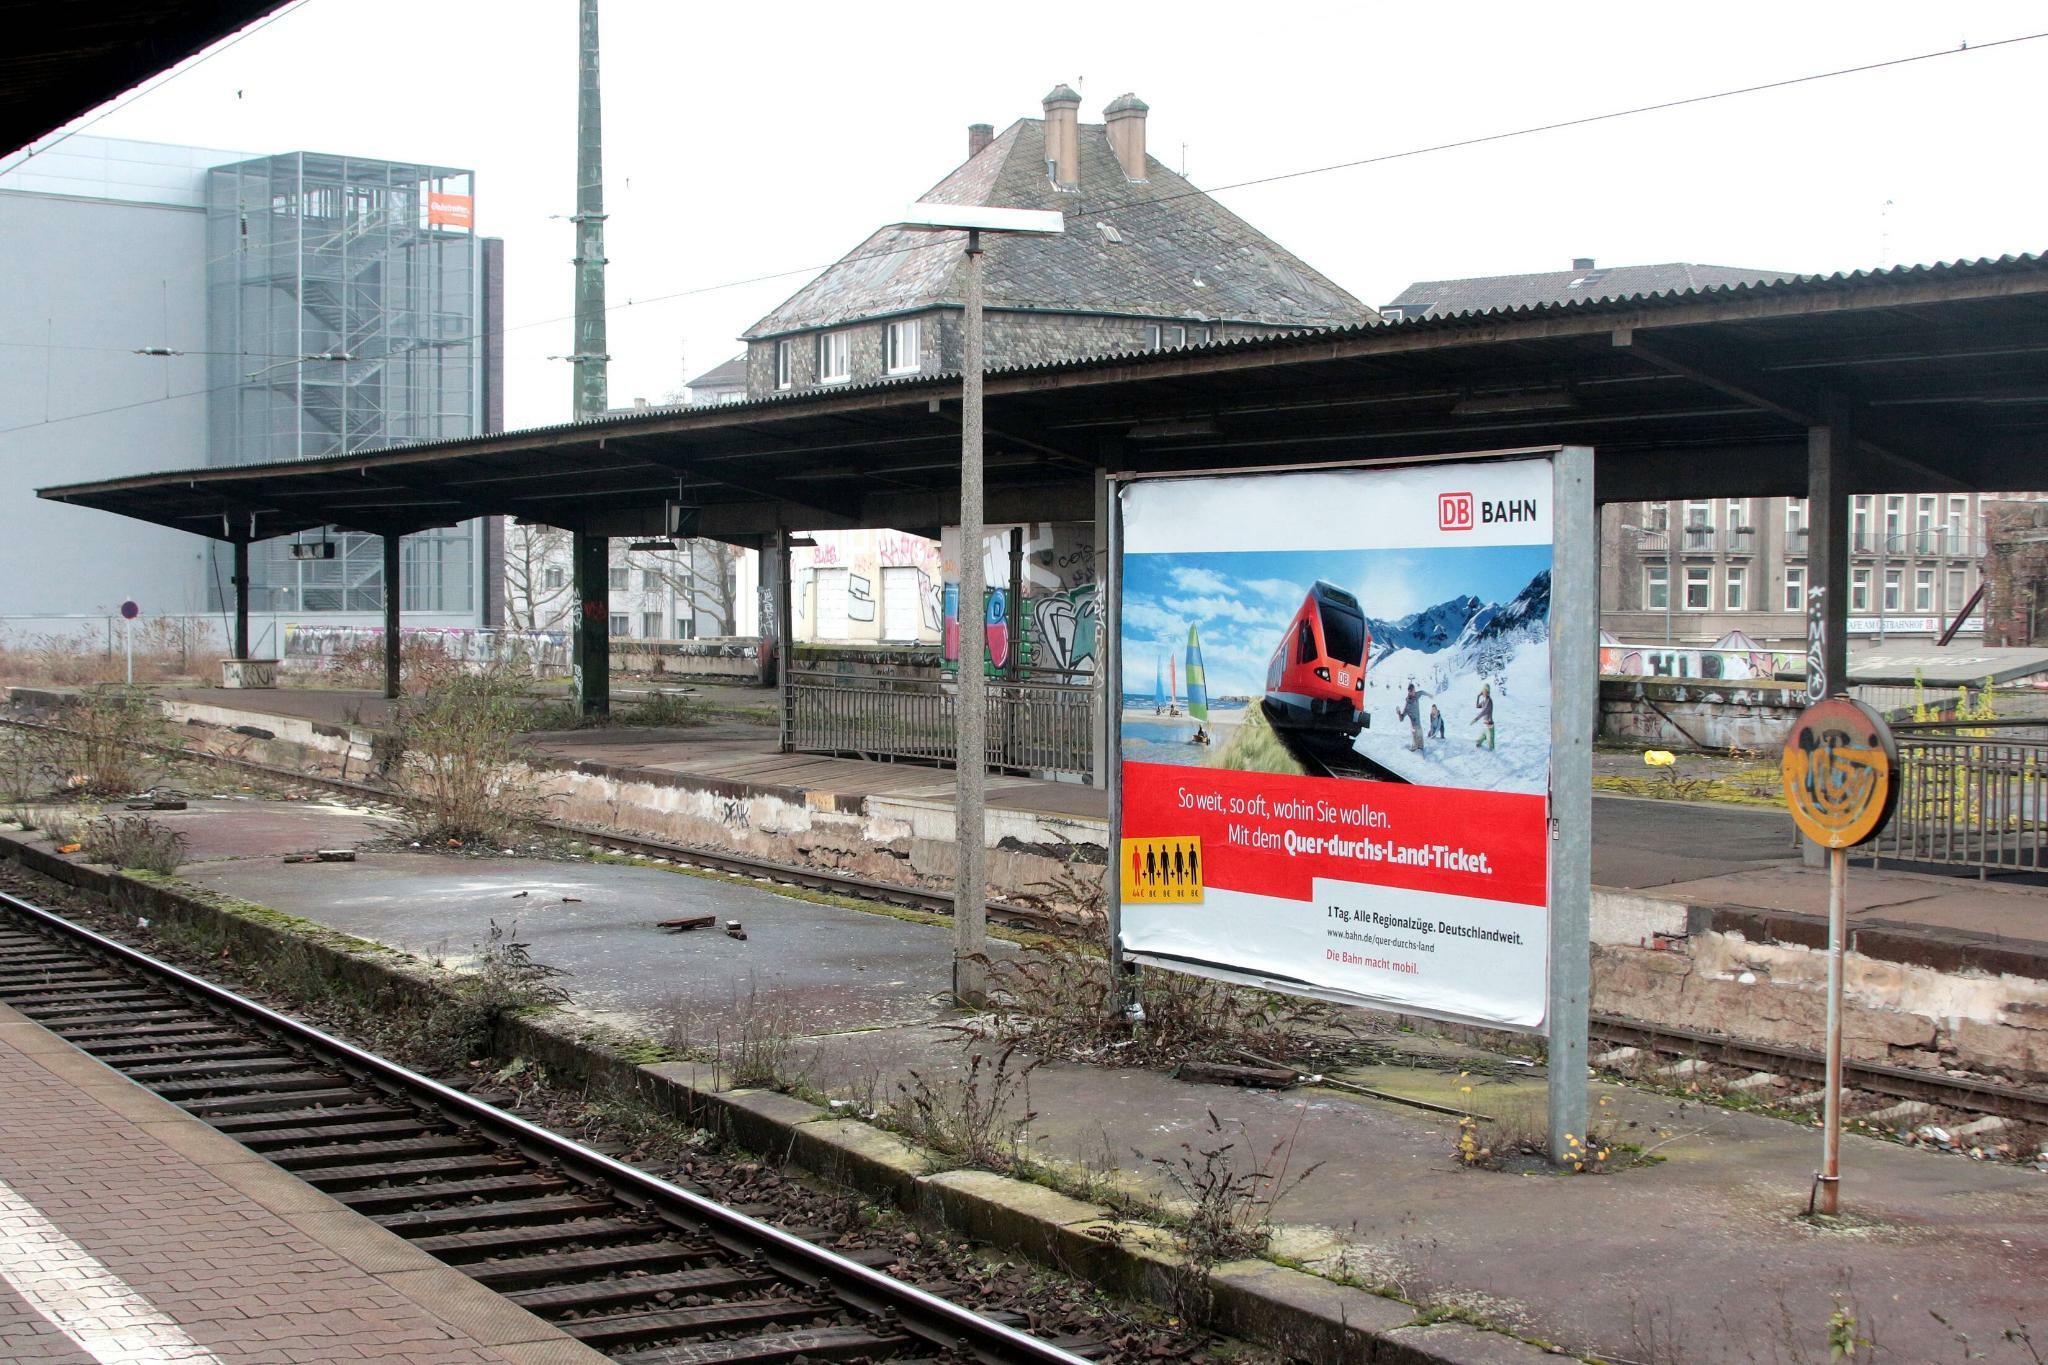 Verkehr: Bahn will 250 Millionen Euro mehr für Instandhaltung seiner Bahnhöfe ausgeben